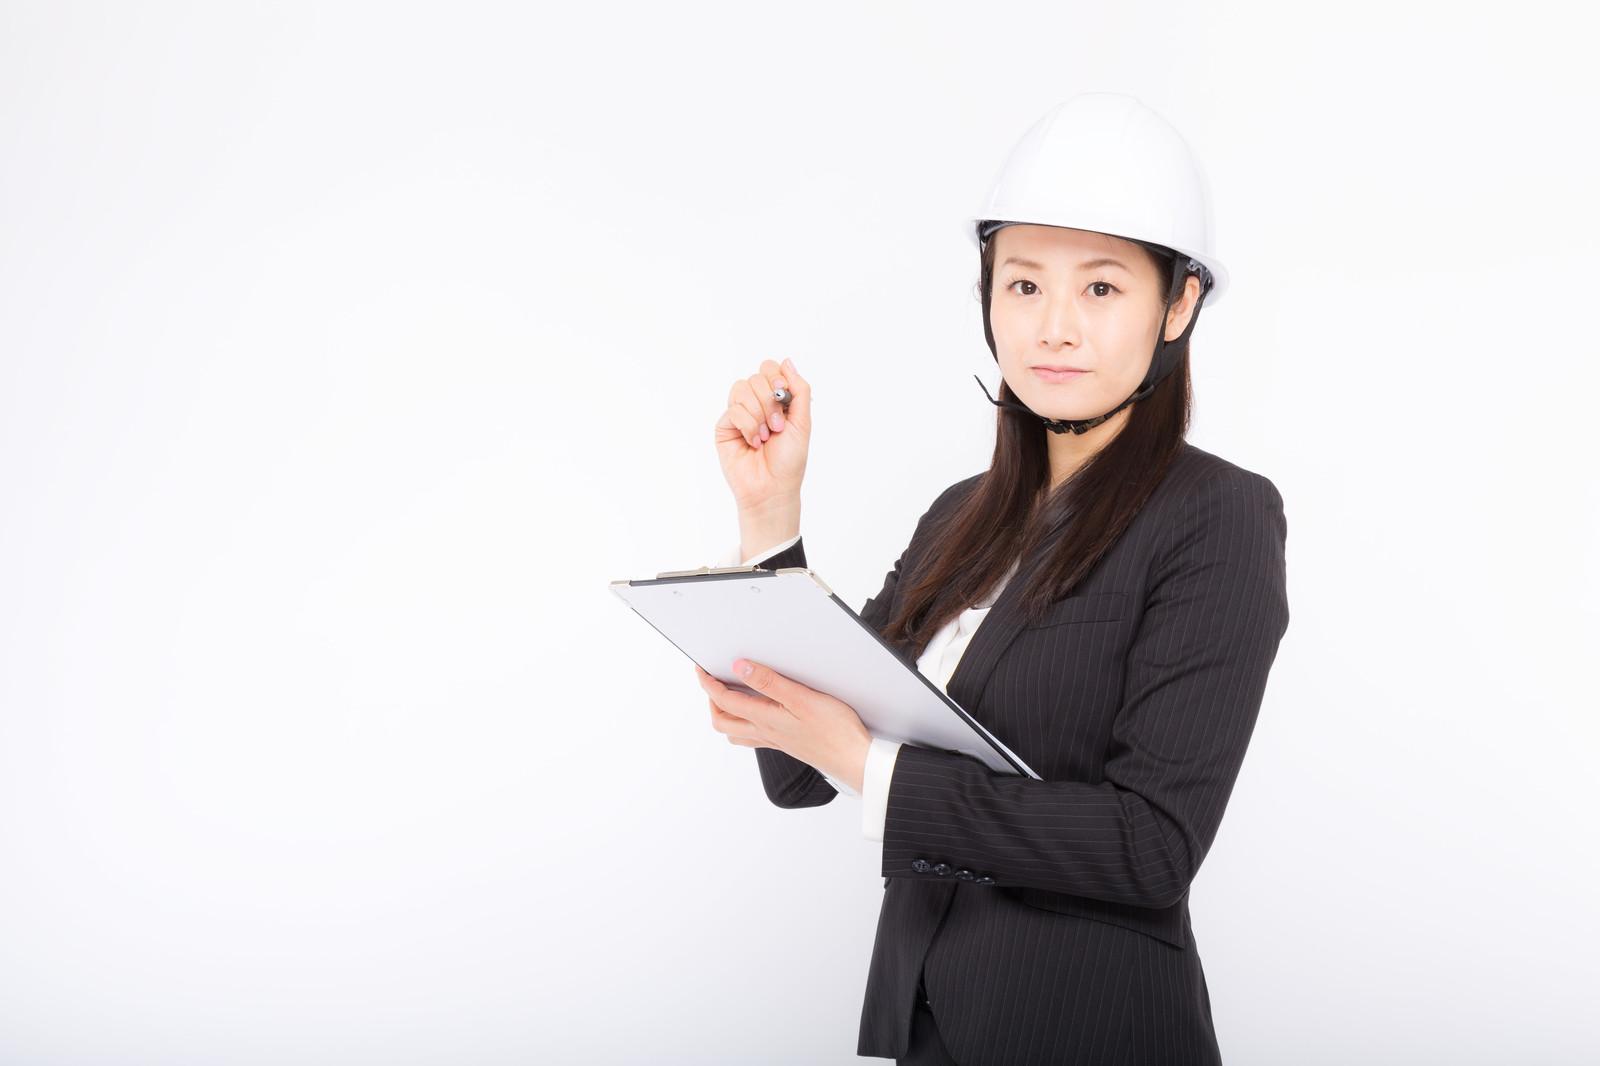 家具や家電の品質をチェックする女性